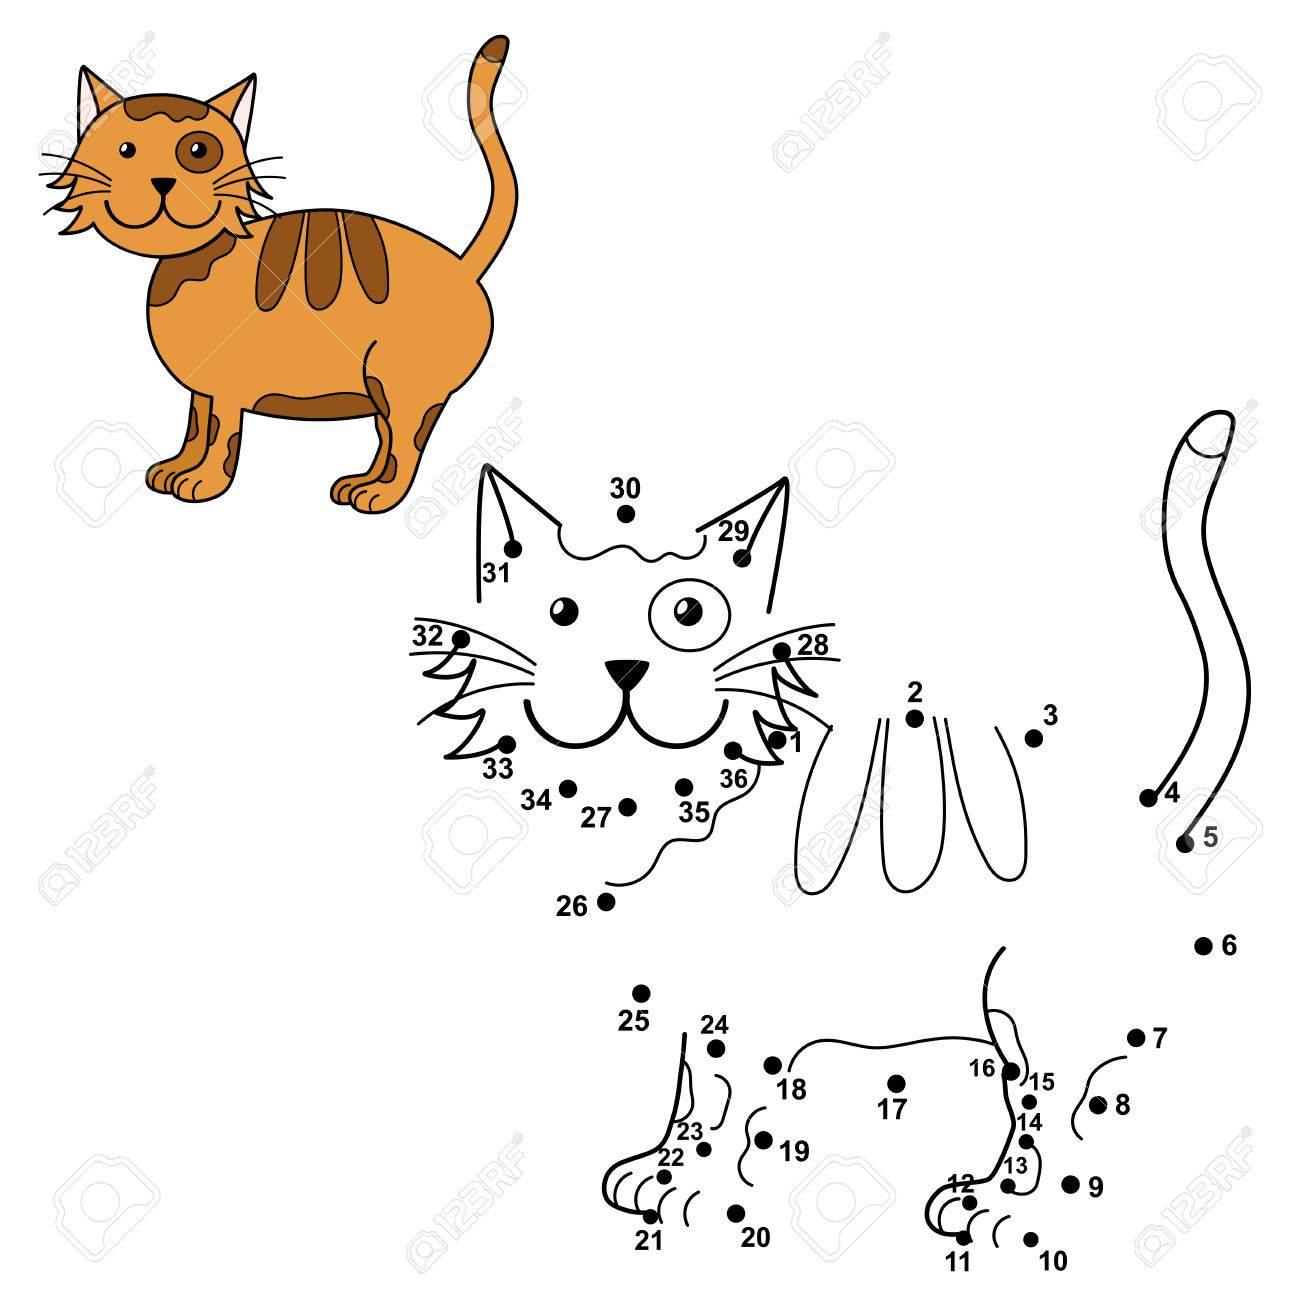 Verbinden Sie Die Punkte, Um Die Süße Katze Zu Zeichnen Und Sie ...